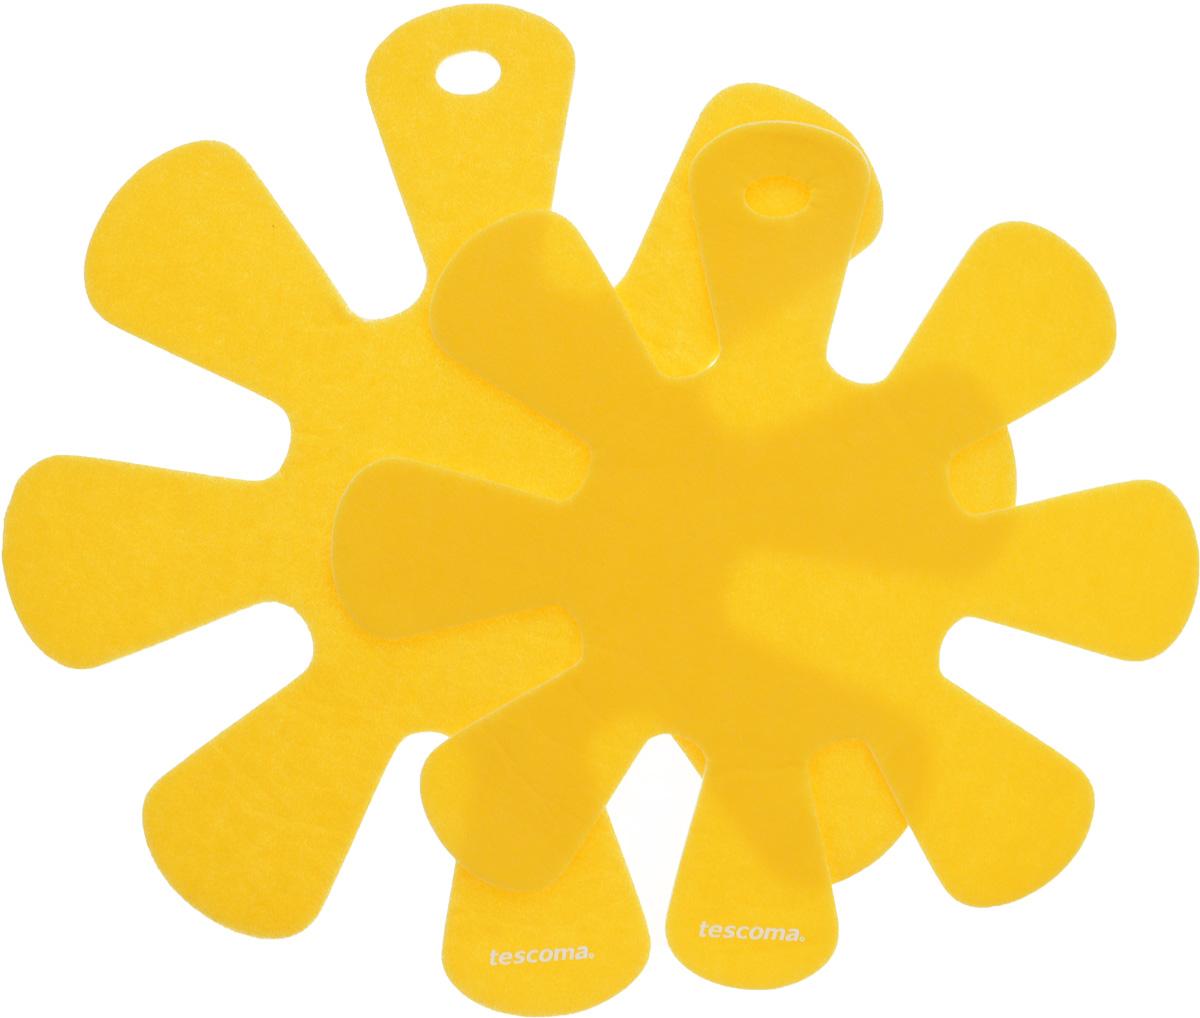 Протектор для хранения посуды Tescoma Presto, цвет: желтый, 2 шт. 420884420884_желтыйПротекторы для хранения посуды Tescoma Presto выполнены из прочной синтетической ткани. Они используются для защиты посуды с антипригарным покрытием при хранении на кухне. Подходят для посуды диаметром от 24 до 32 см и от 18 до 24 см. Нельзя использовать для горячей или неочищенной посуды. Не использовать в качестве подставки под горячее. Не использовать в посудомоечной машине. Рекомендуется обычная стирка при 40°С. Диаметр большого протектора: 38 см. Диаметр малого протектора: 32,5 см.